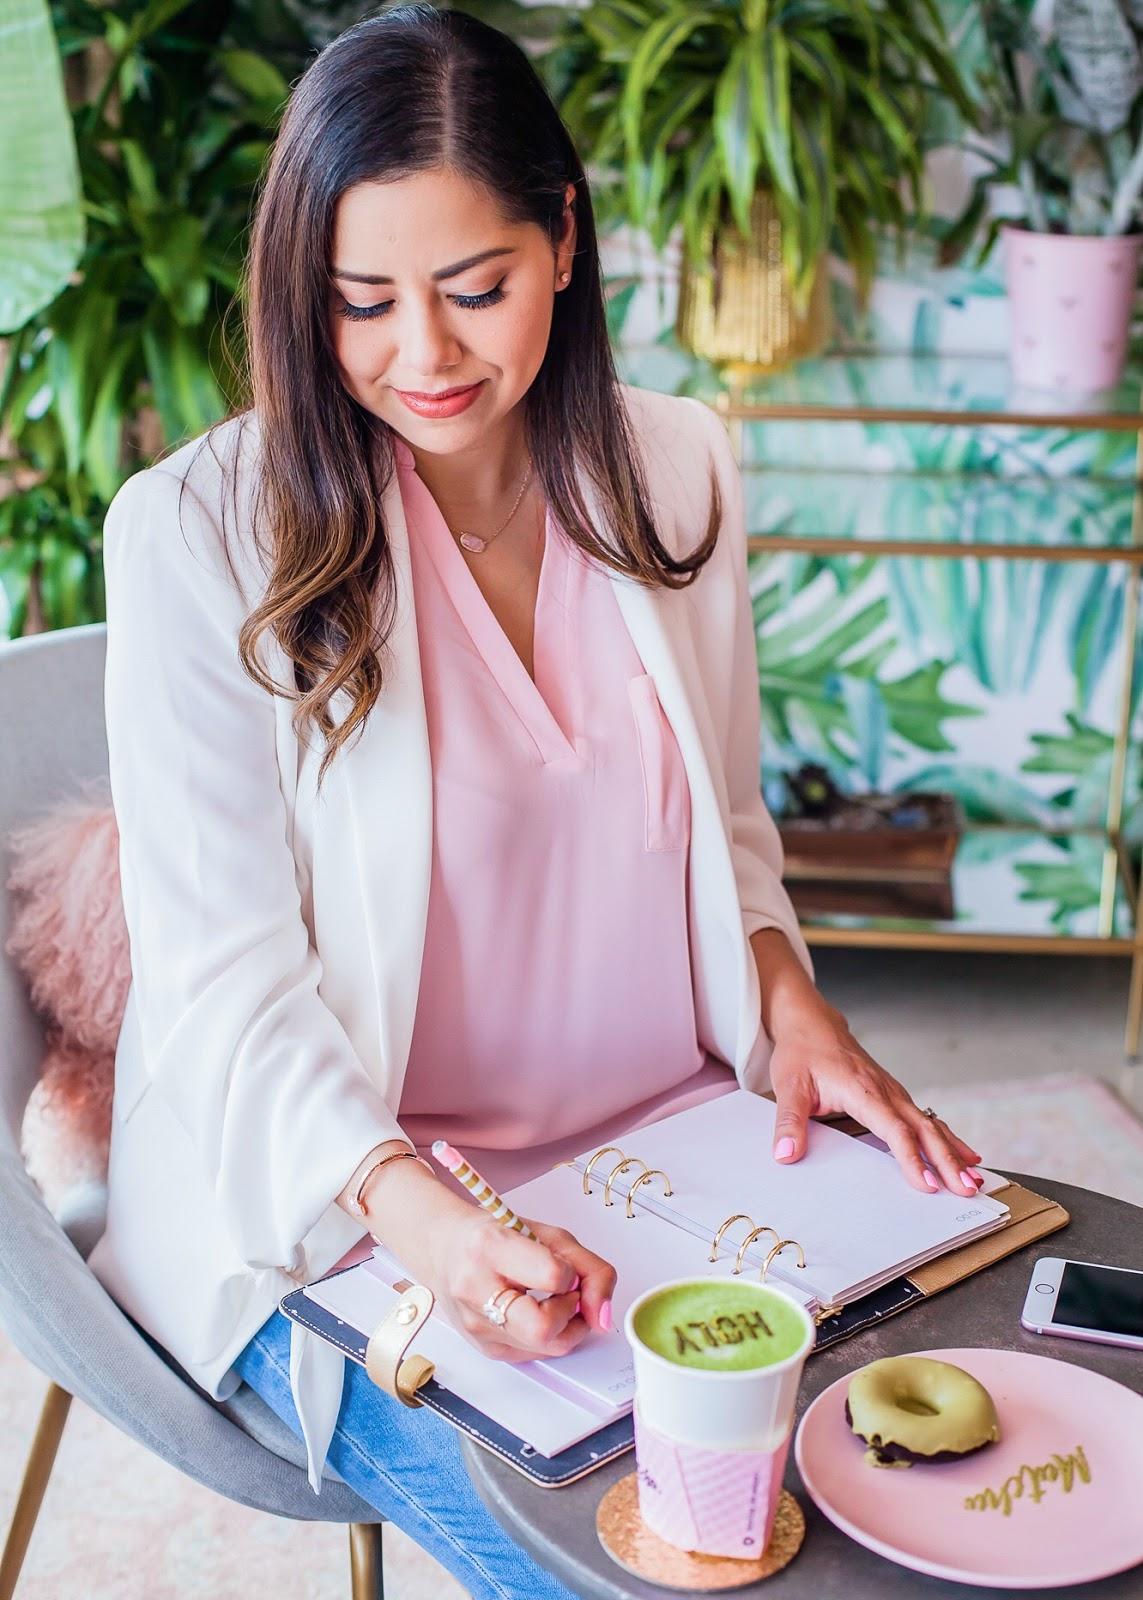 blogger lifestyle goals, latina fashion blogger